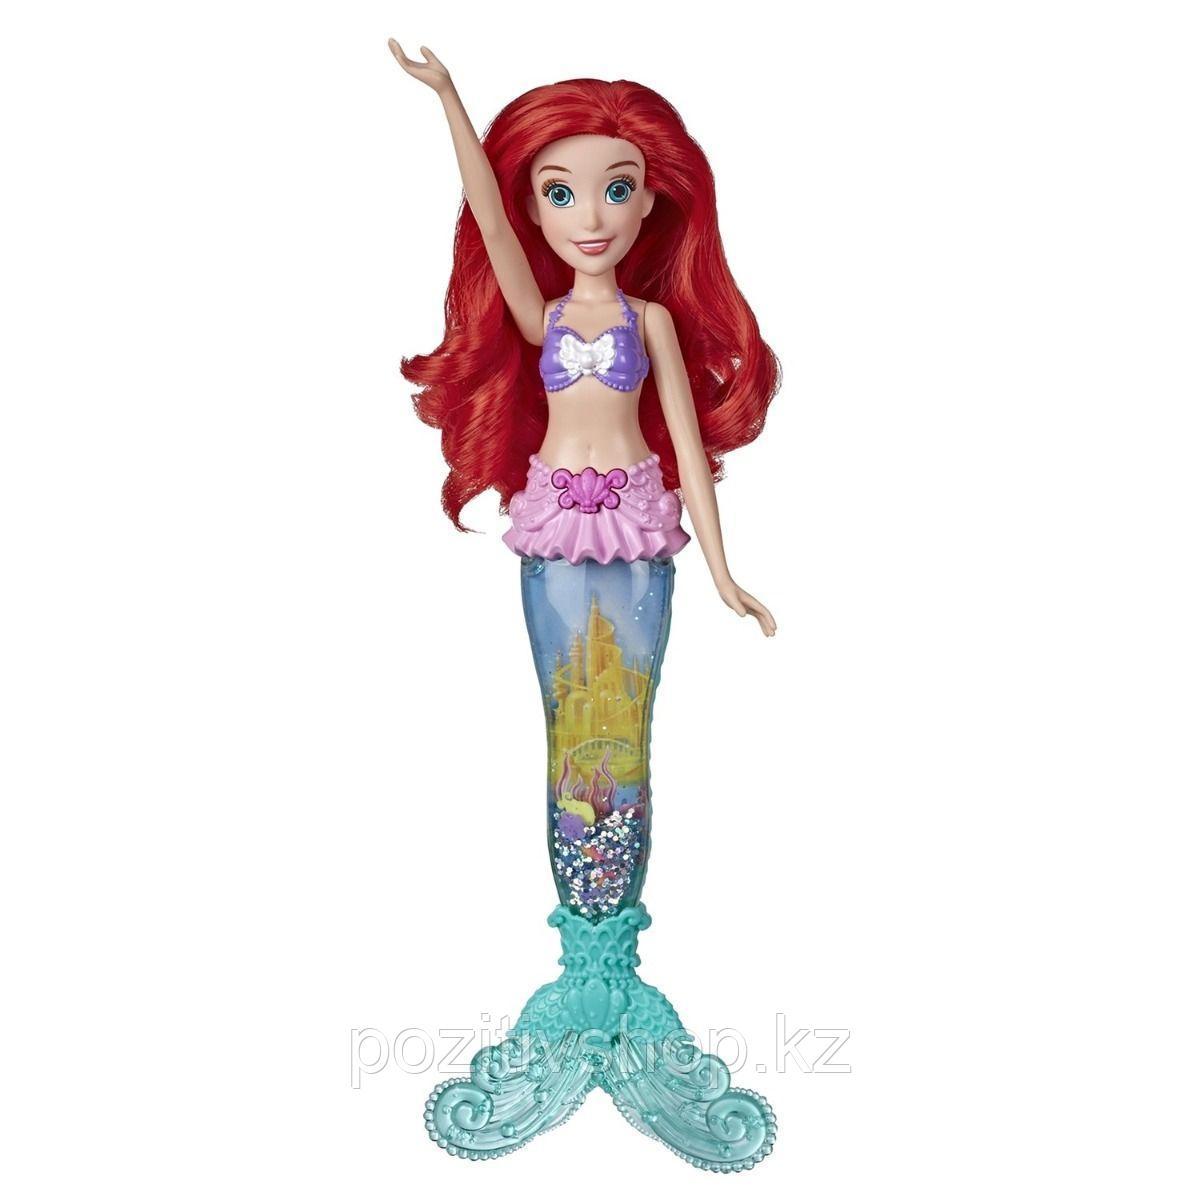 Интерактивная кукла Ариэль Disney Princess - фото 1